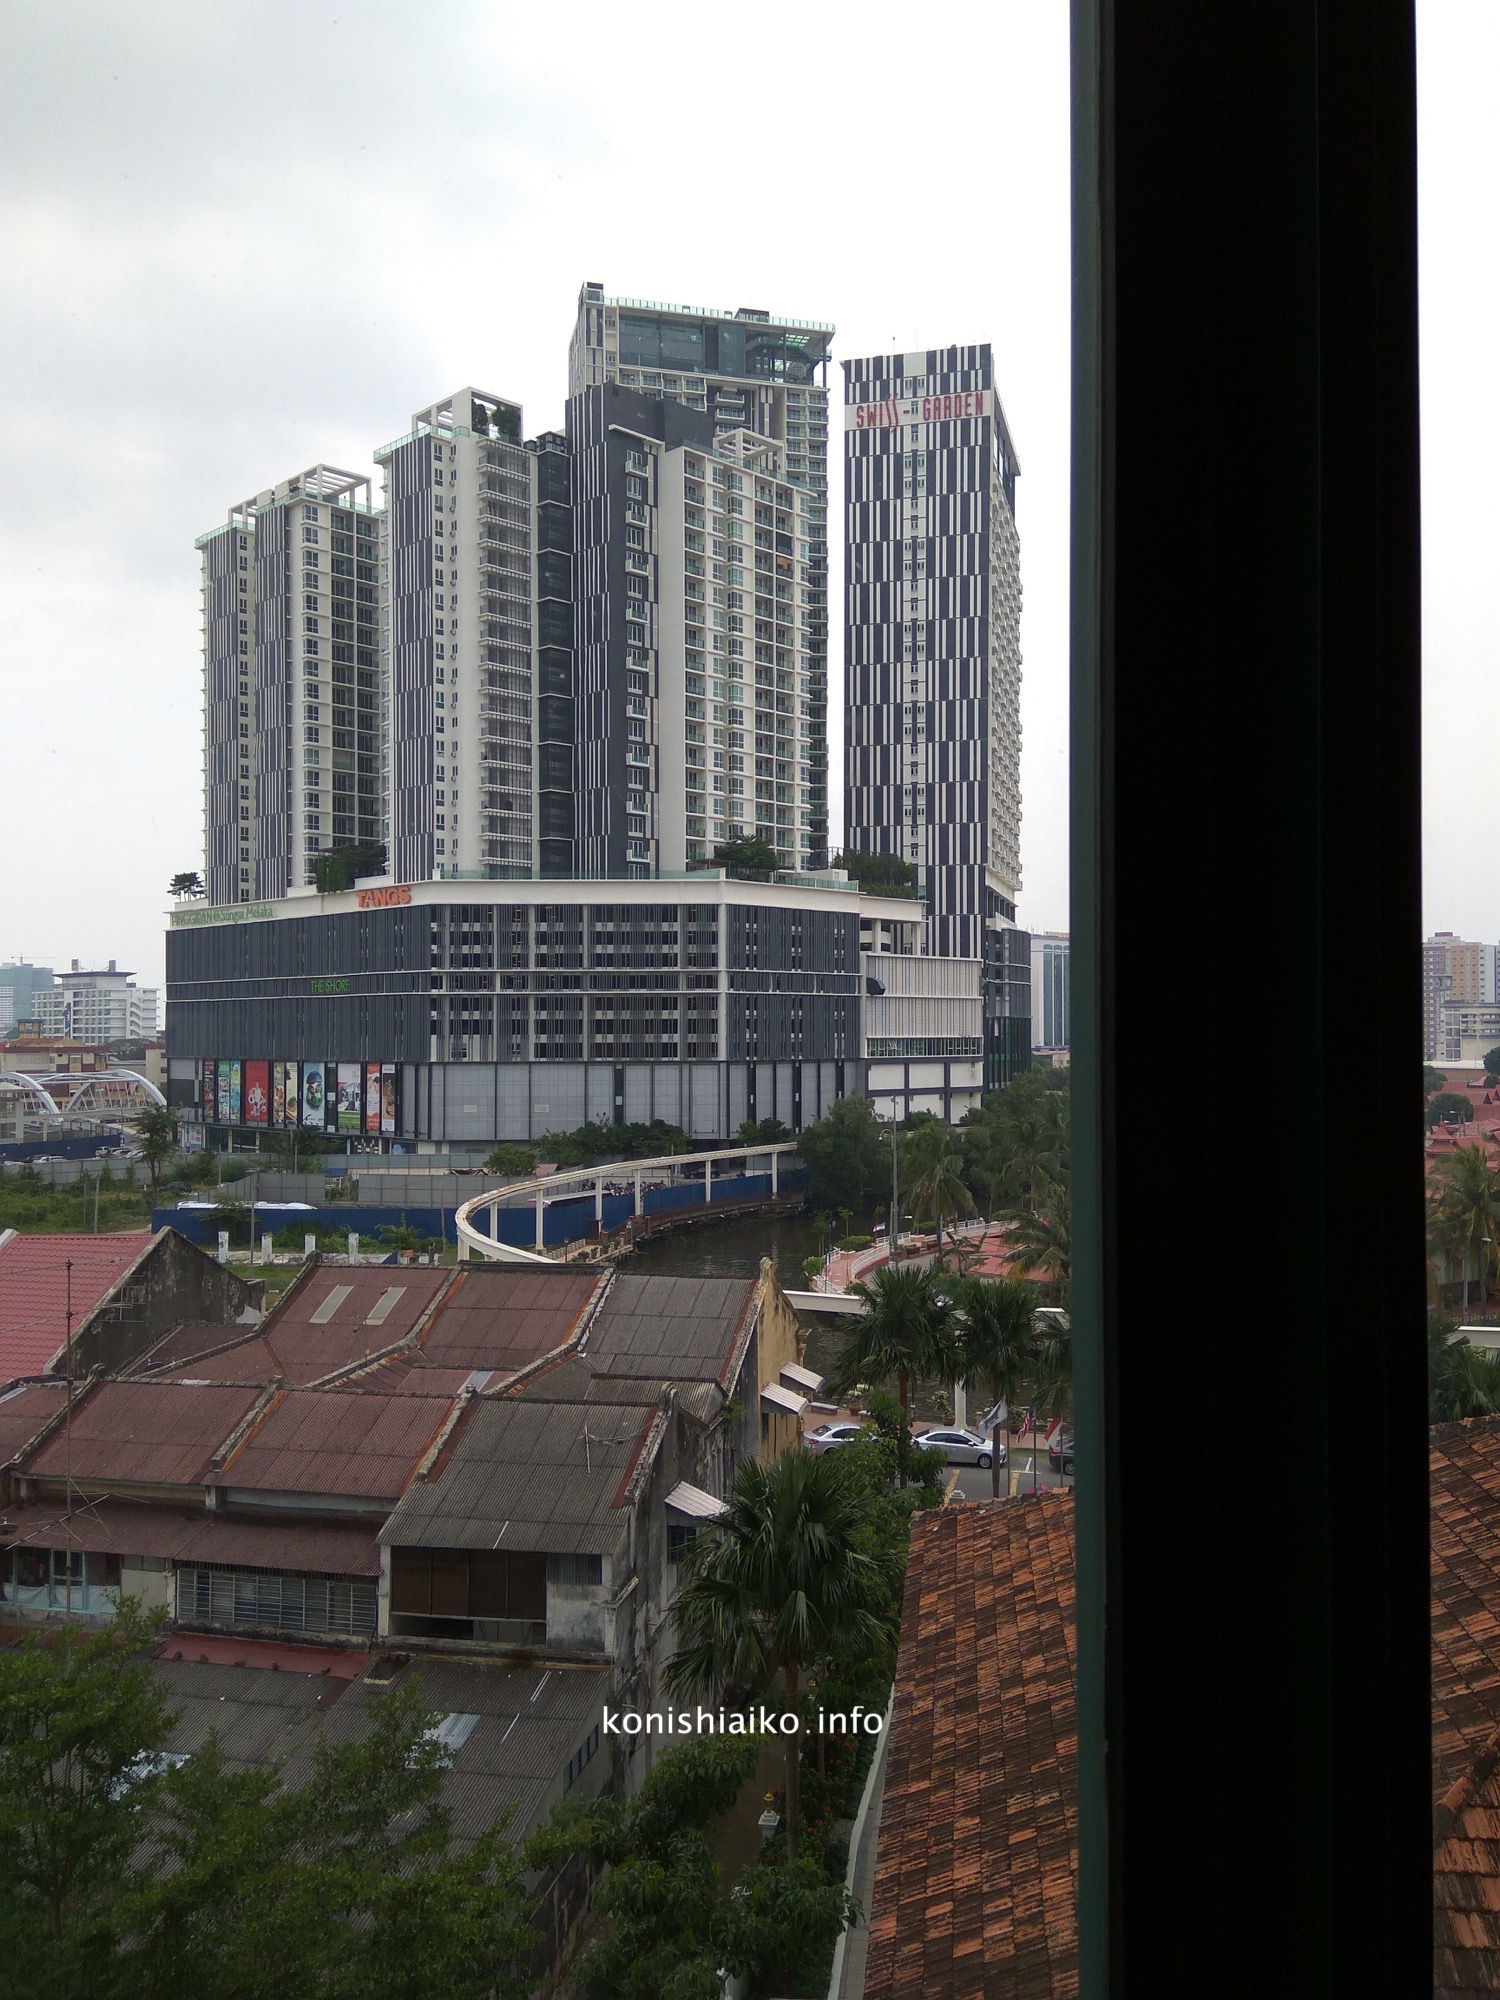 窓からの眺め。高層ビルとマラッカ川が少し見える